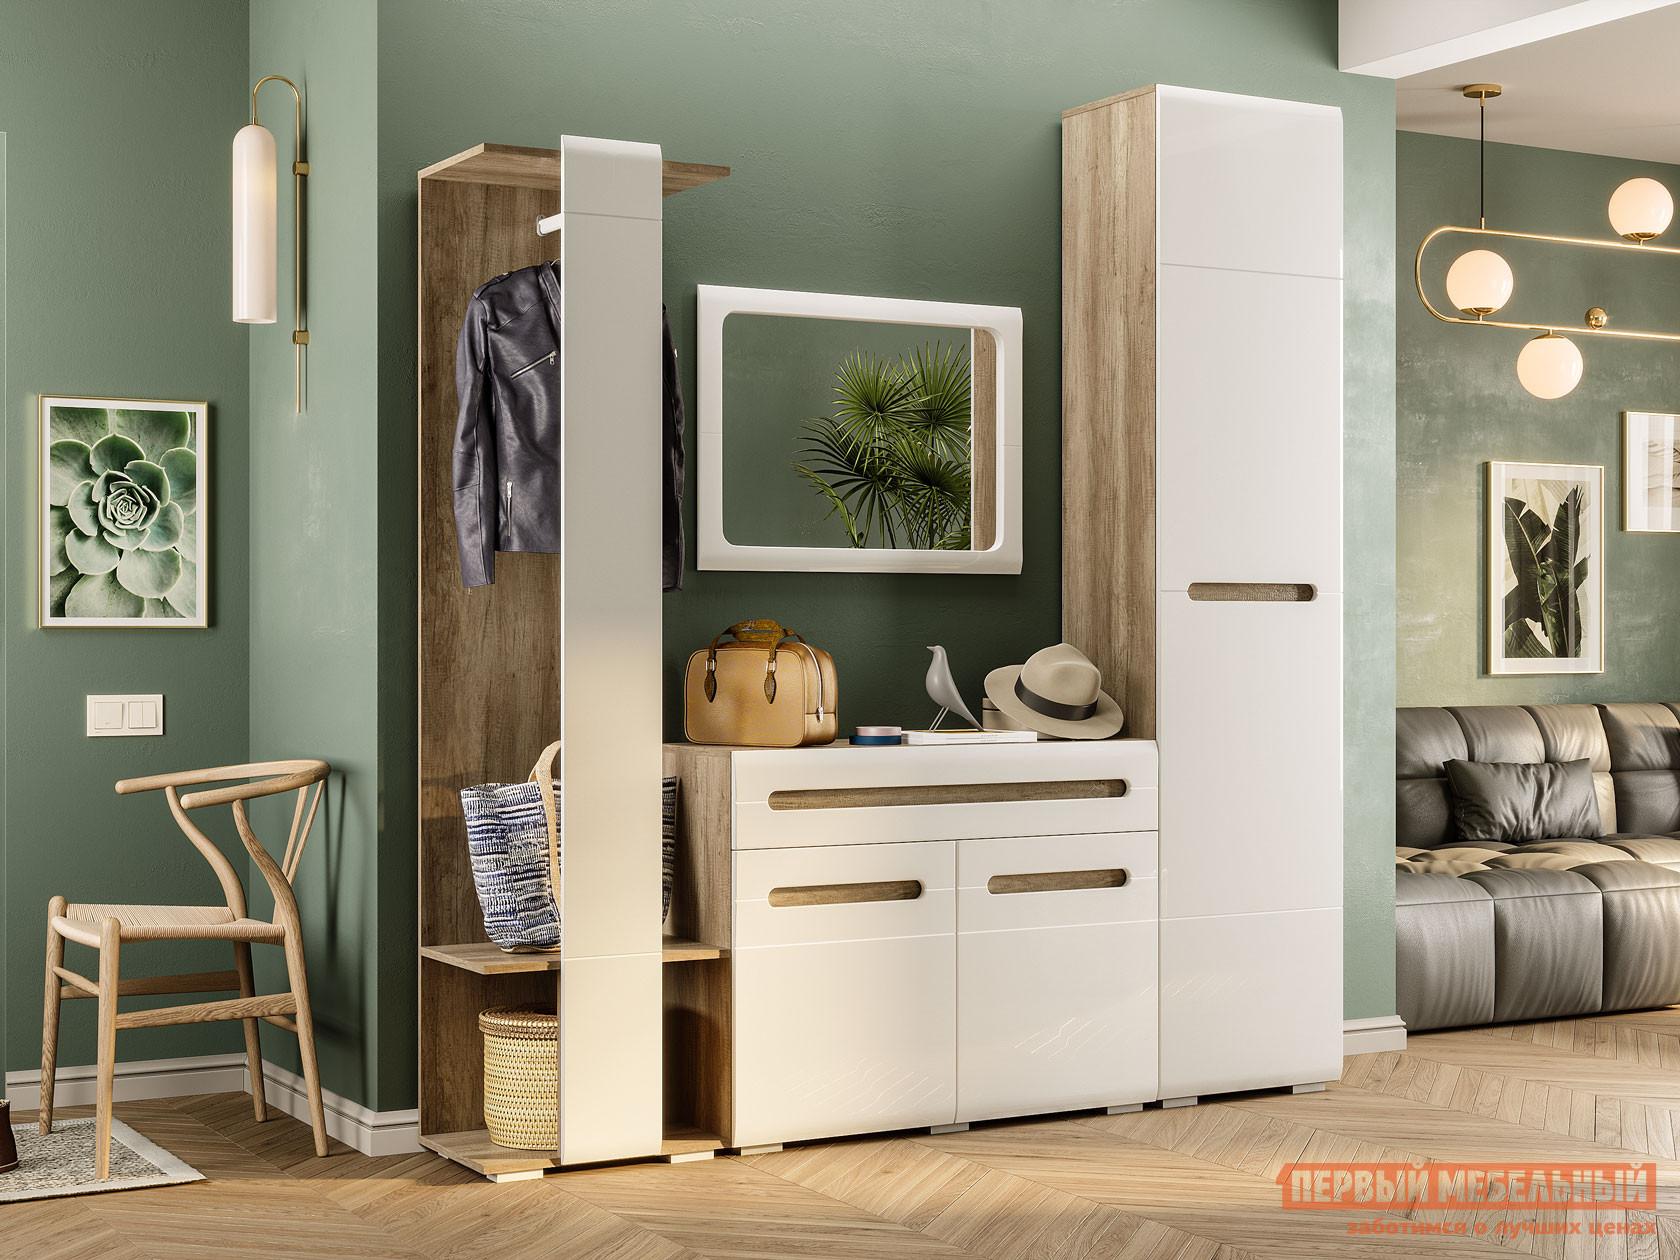 Комплект мебели для прихожей Первый Мебельный Комплект мебели для прихожей Наоми К3 тумбы для прихожей